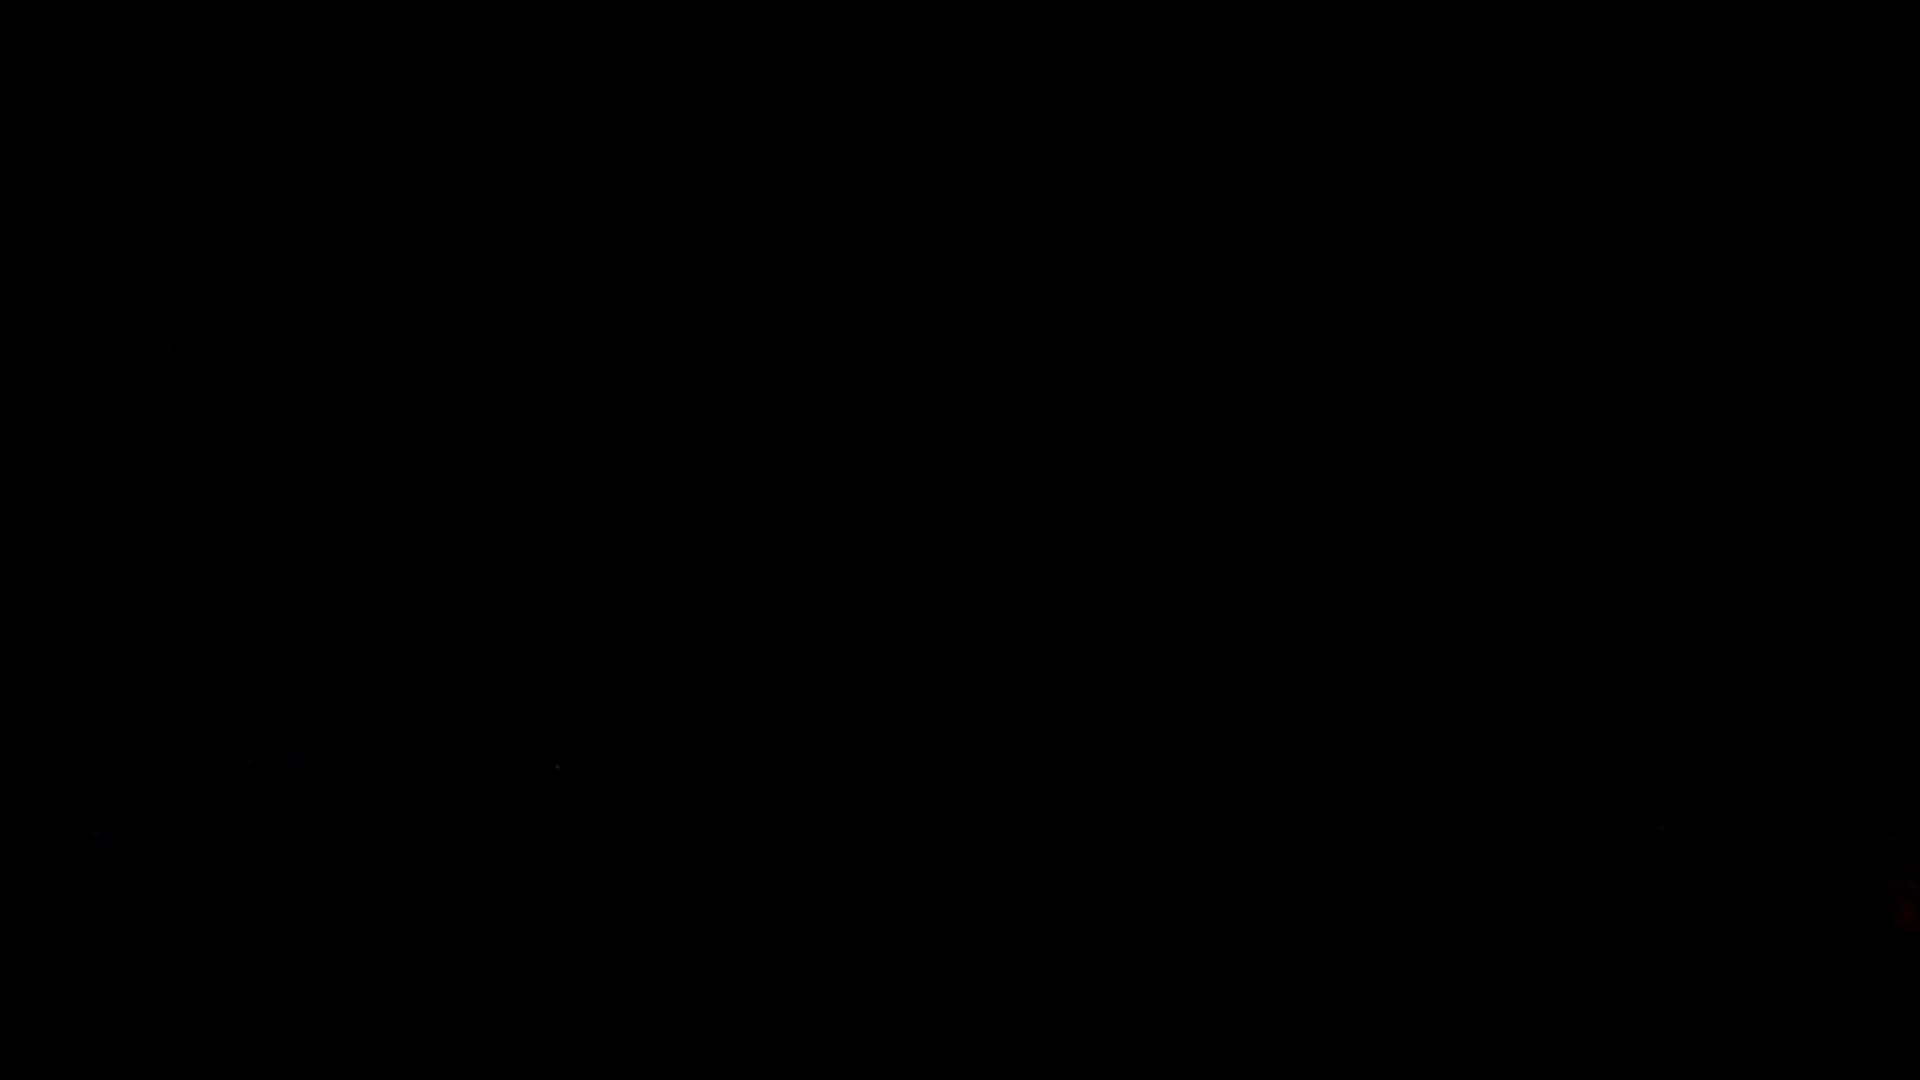 巨根 オナニー塾Vol.16 ゲイのオナニー映像  91枚 62